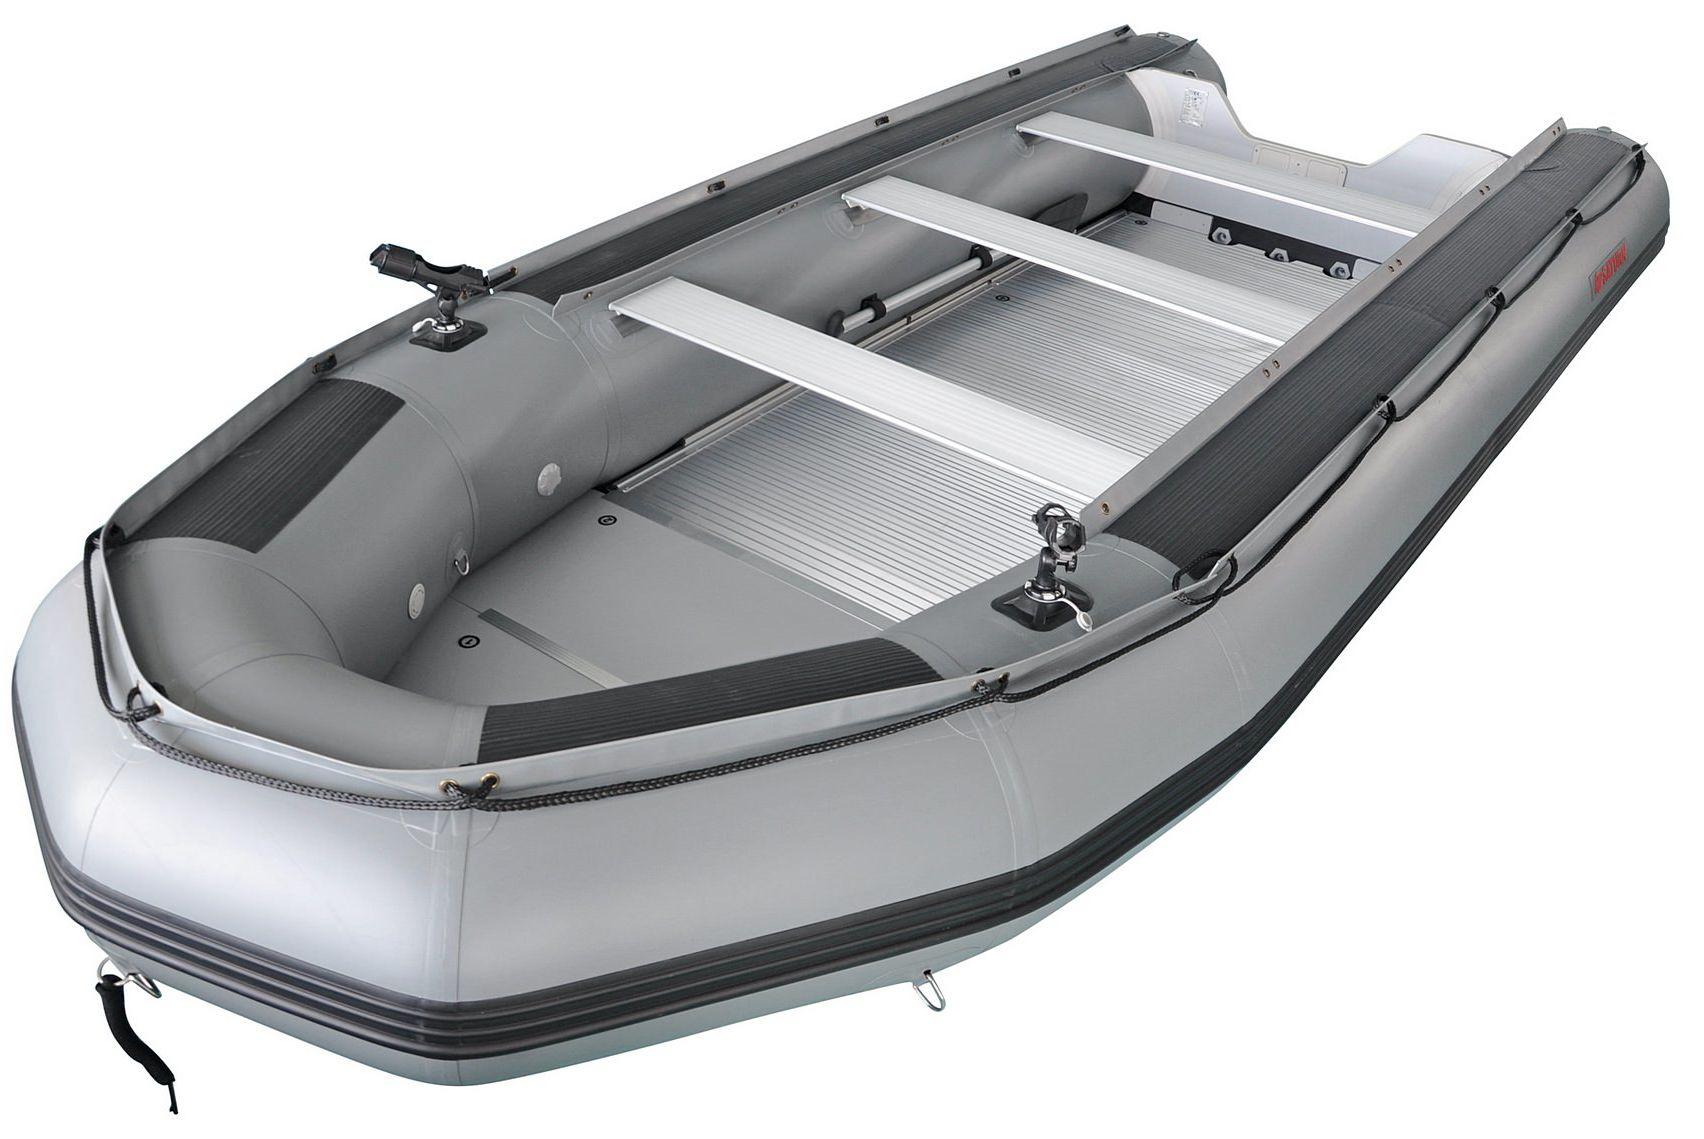 Inside the 15' Saturn Heavy-Duty Fishing Boat